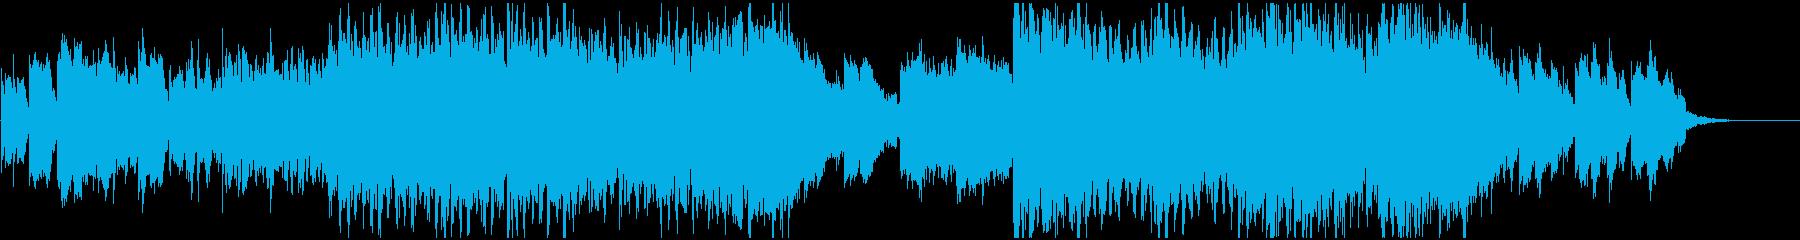 ハロウィン風の不吉な雰囲気のBGMの再生済みの波形